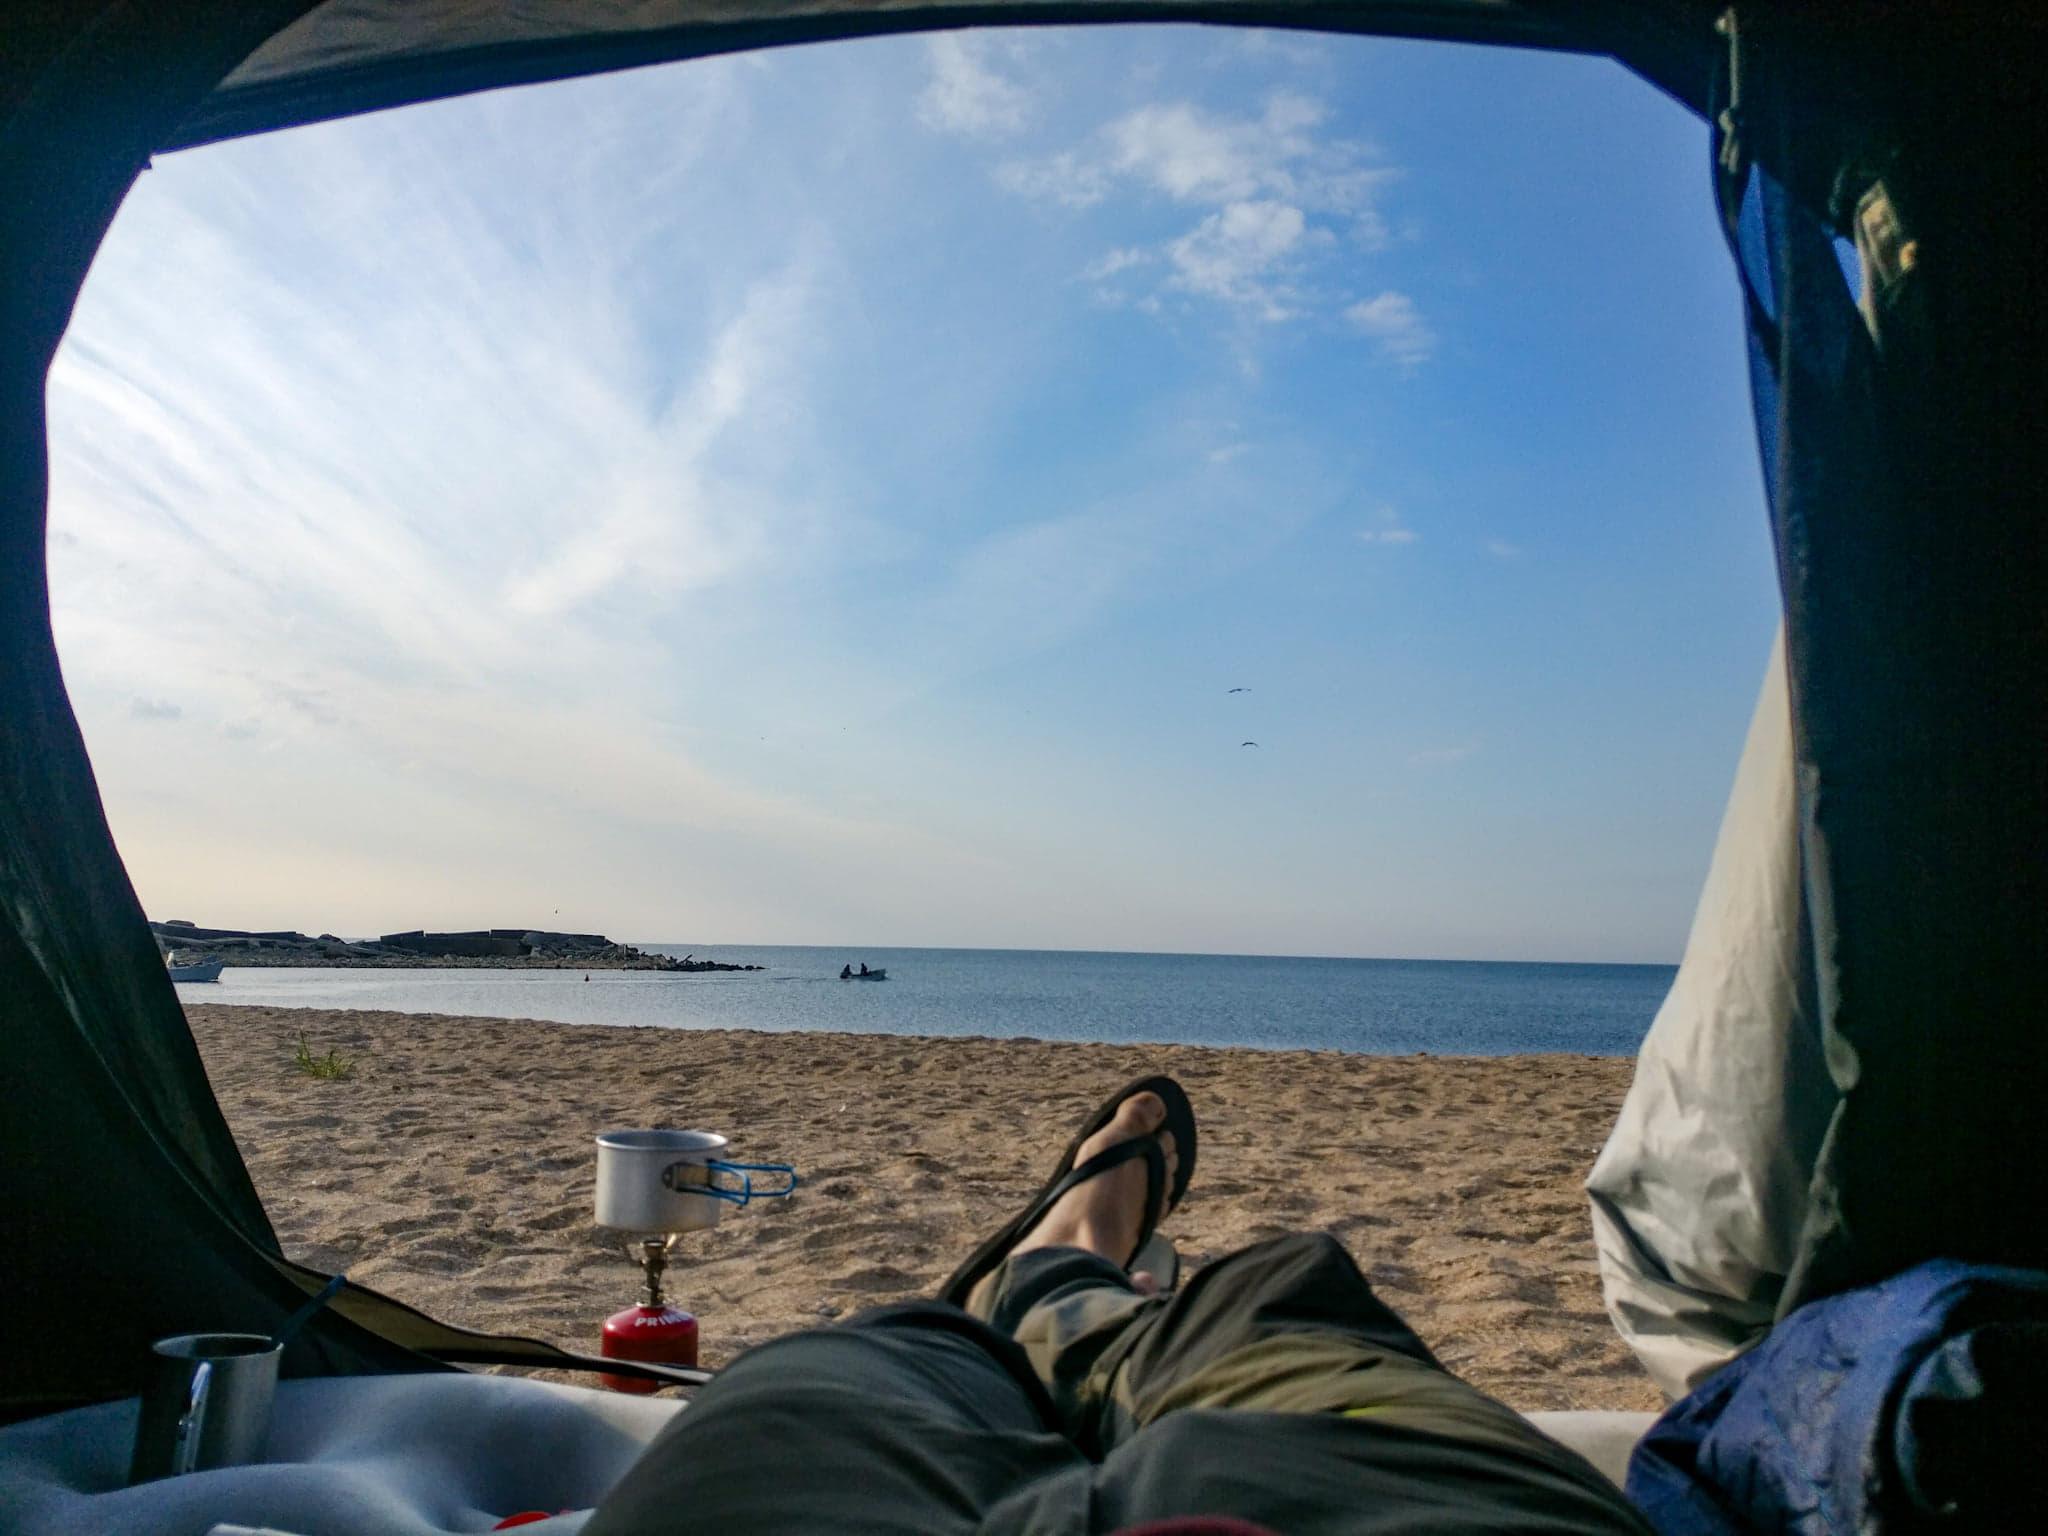 Dimineata la rasarit, pe plaja de la Micul Golf - 2 Mai